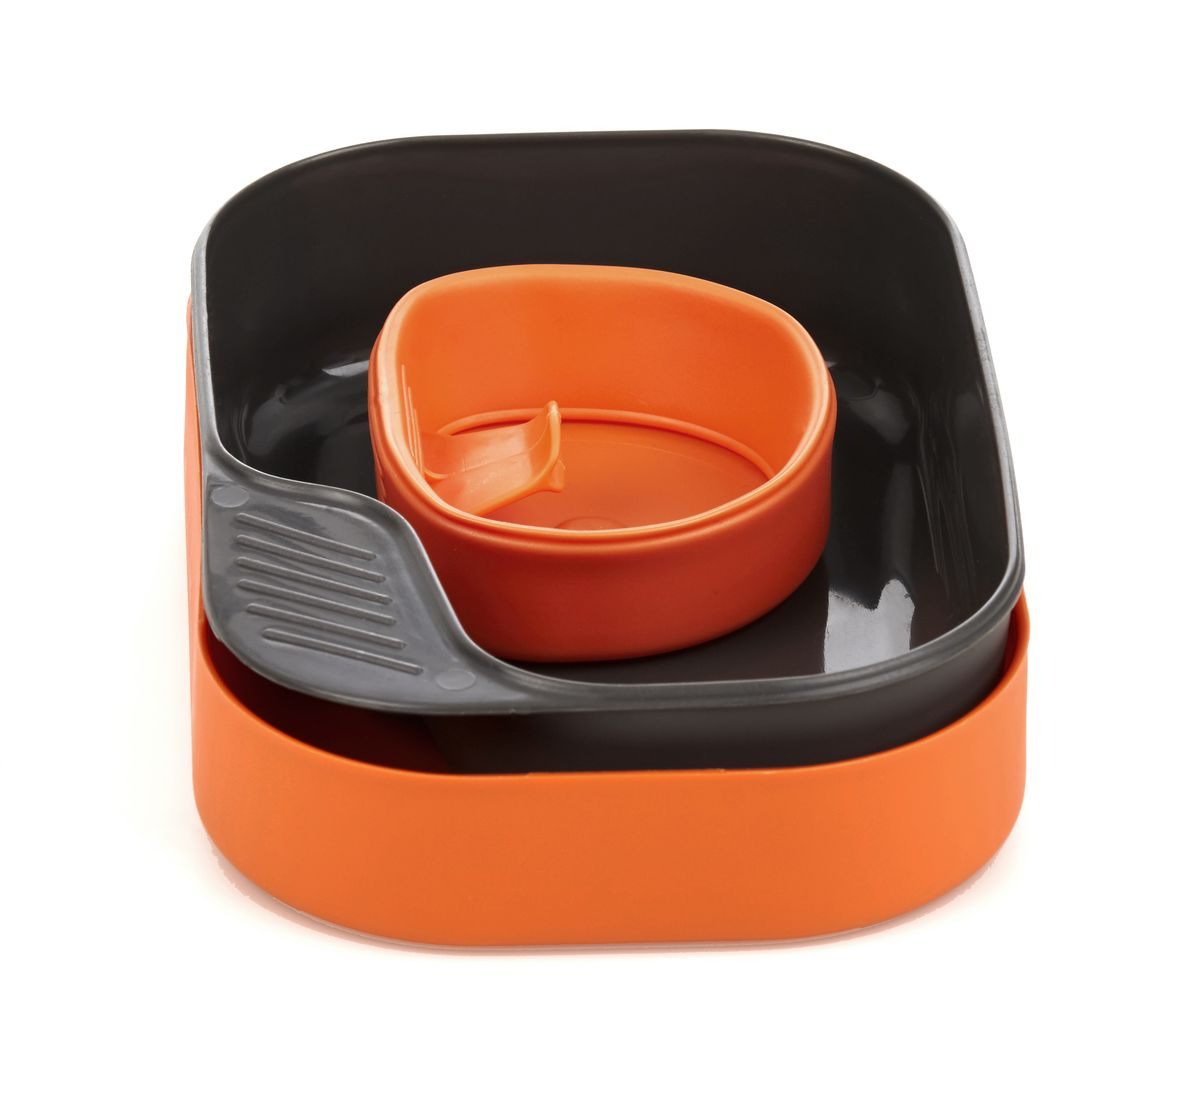 Набор походной посуды Wildo Camp-a-Box Basic, портативный, цвет: оранжевый, 3 предметаW30262Проверенный в шведских условиях на протяжении десятилетий - это оригинальный, портативный набор Wildo Camp-a-Box Basic, которому можно доверять. Он отвечает всем вашим потребностям.Компактный набор c практичным дизайном Wildo Camp-a-Box Basic прекрасно подойдет, если вы просто хотите упаковать бутерброды в контейнер и выпить чашку любимого напитка.В набор входит: - средняя тарелка (она же нижняя часть контейнера);- большая тарелка (она же верхняя часть контейнера - крышка);- кружка Fold-A-Cup.Не содержит бисфенол.